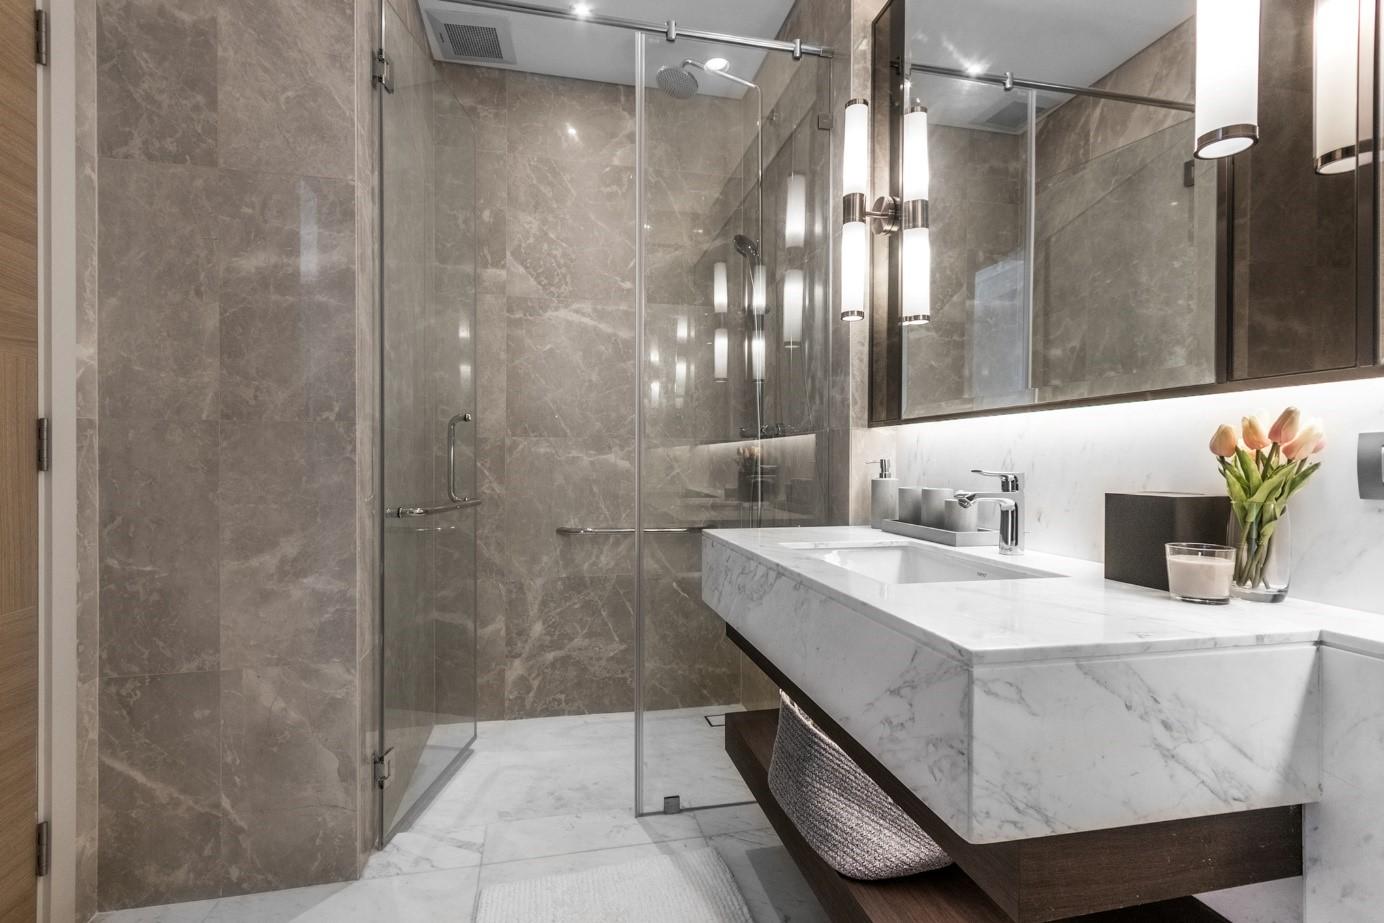 kabina prysznicowa walk in